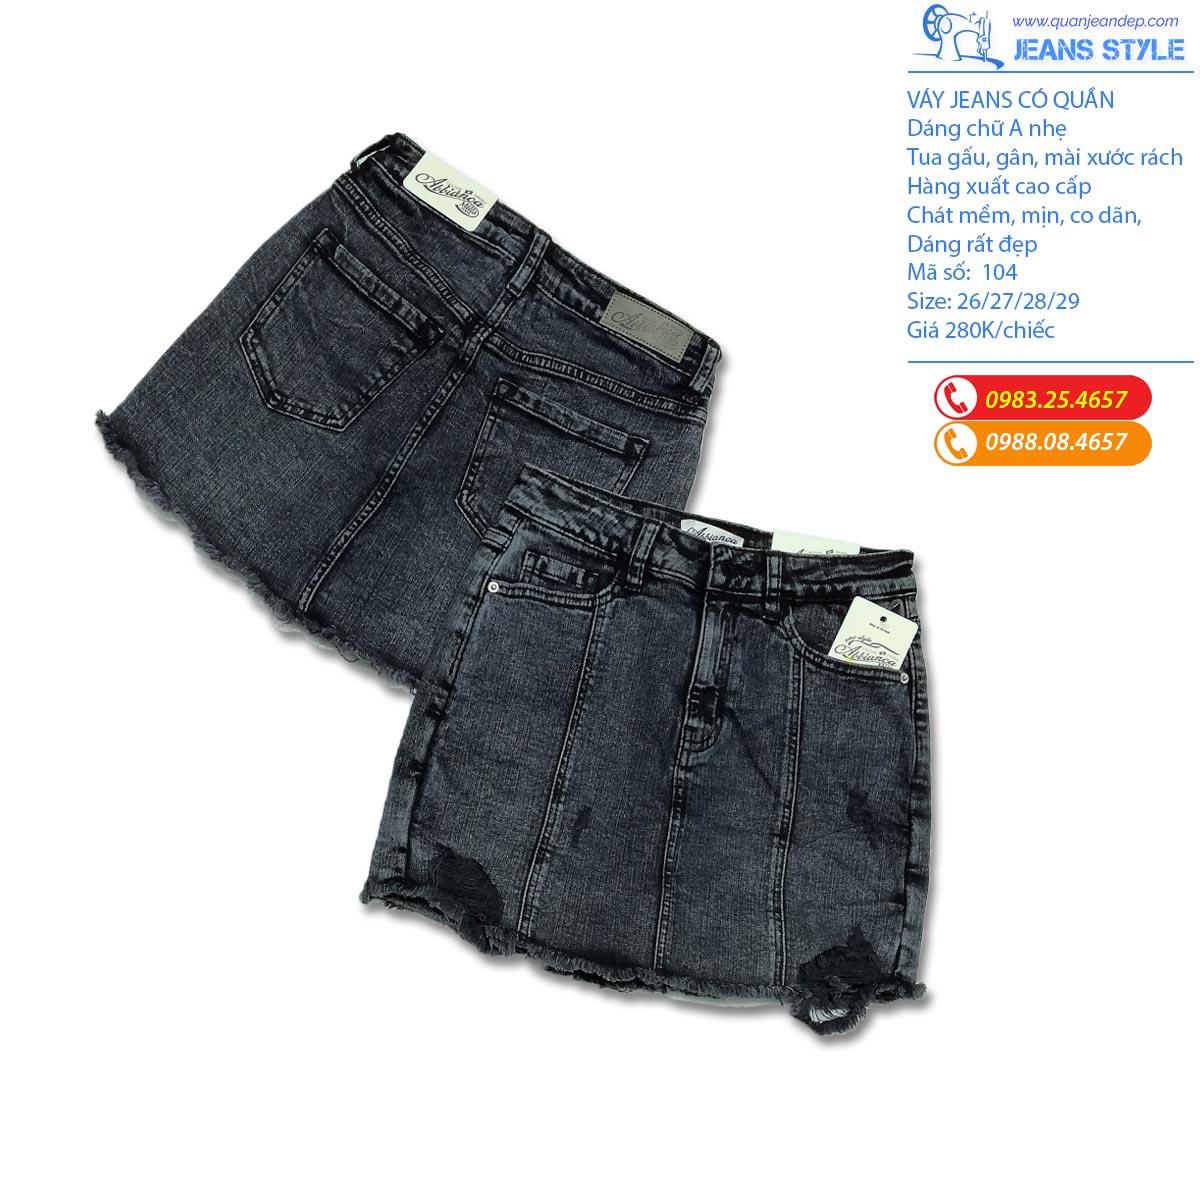 Sooc váy jeans - mài rách - phối gân - tua gấu 104 Giá:238.000,00 ₫